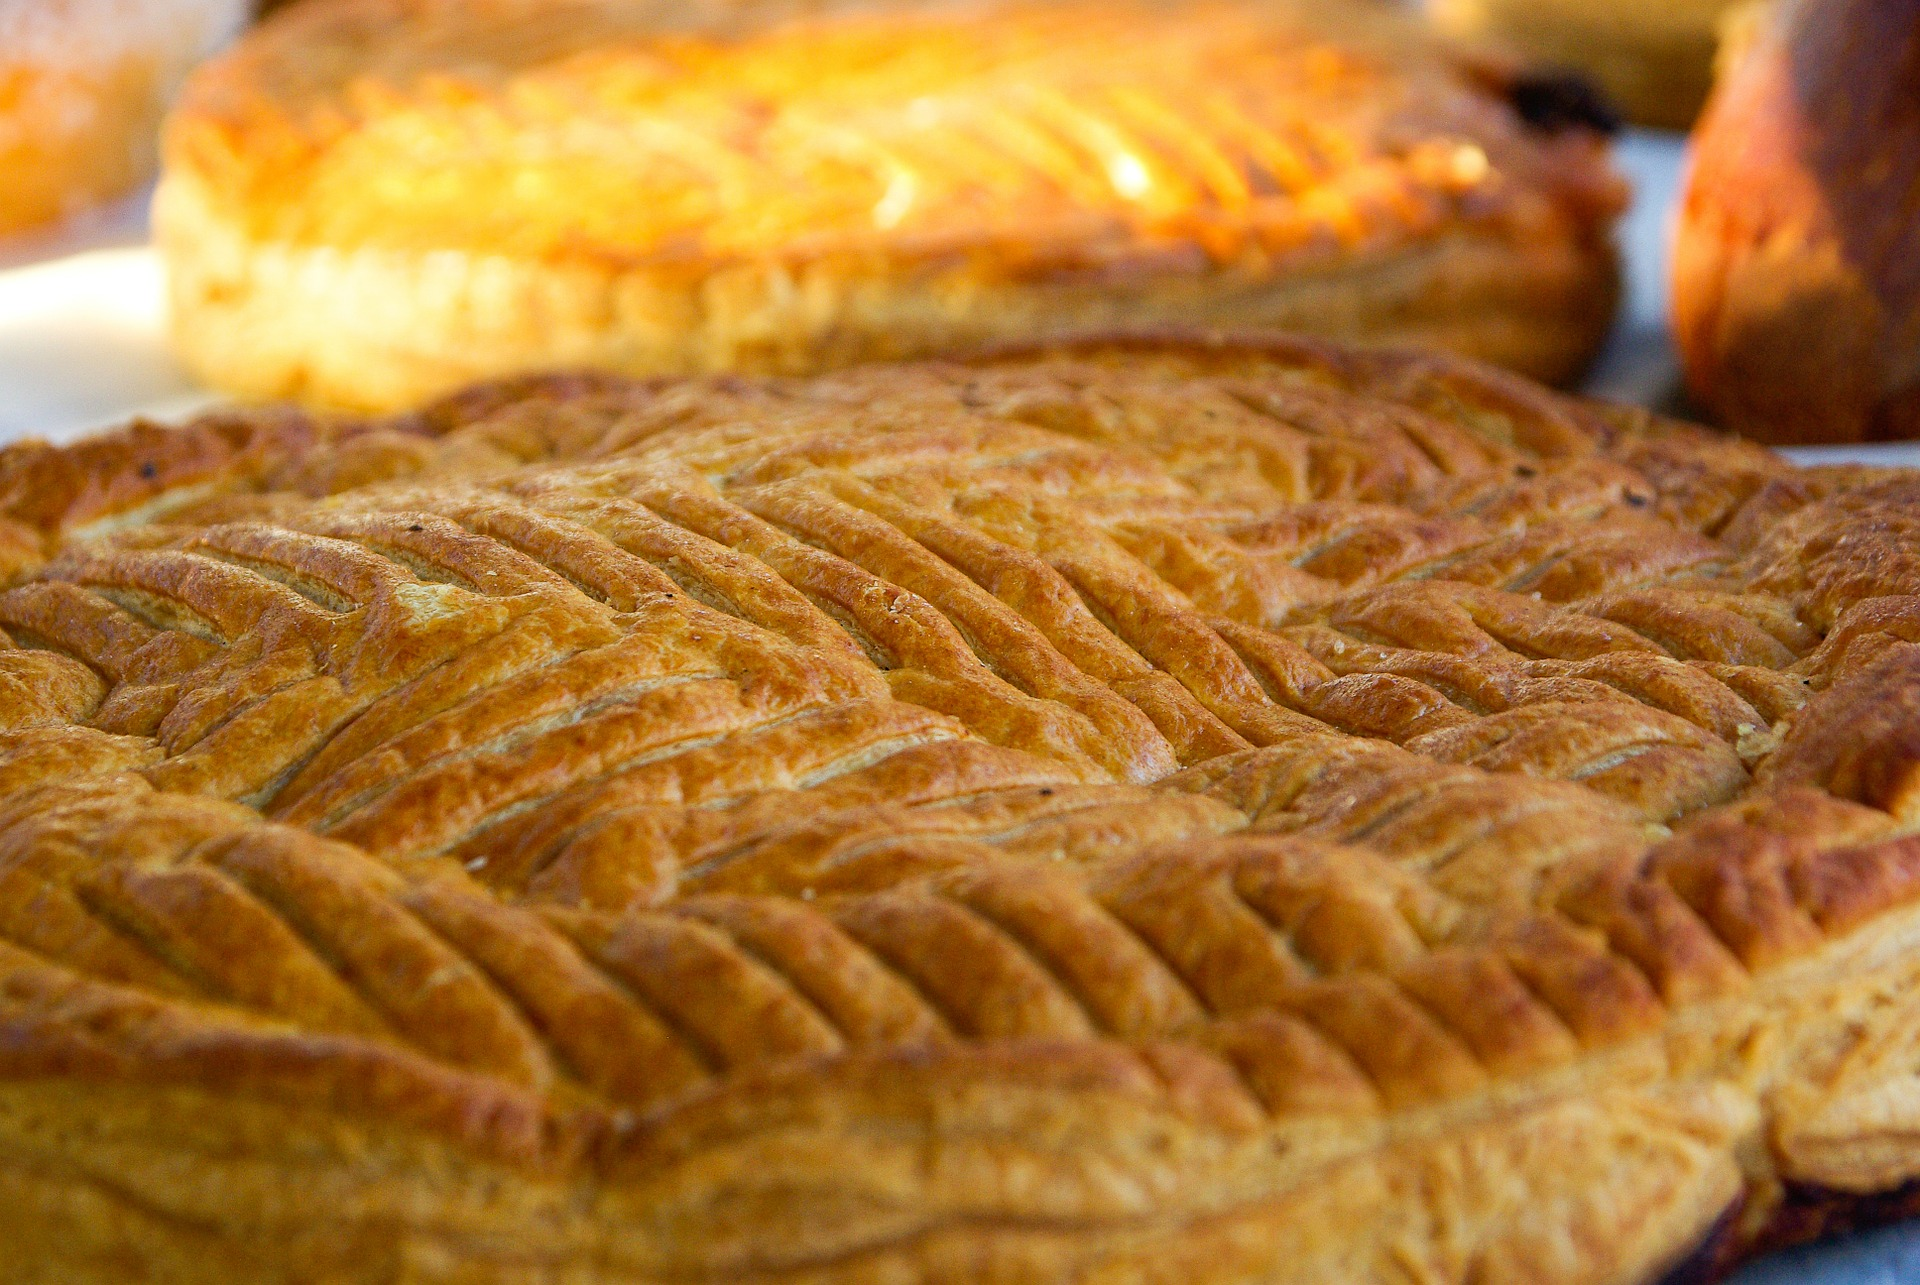 galette-des-rois-595465_1920